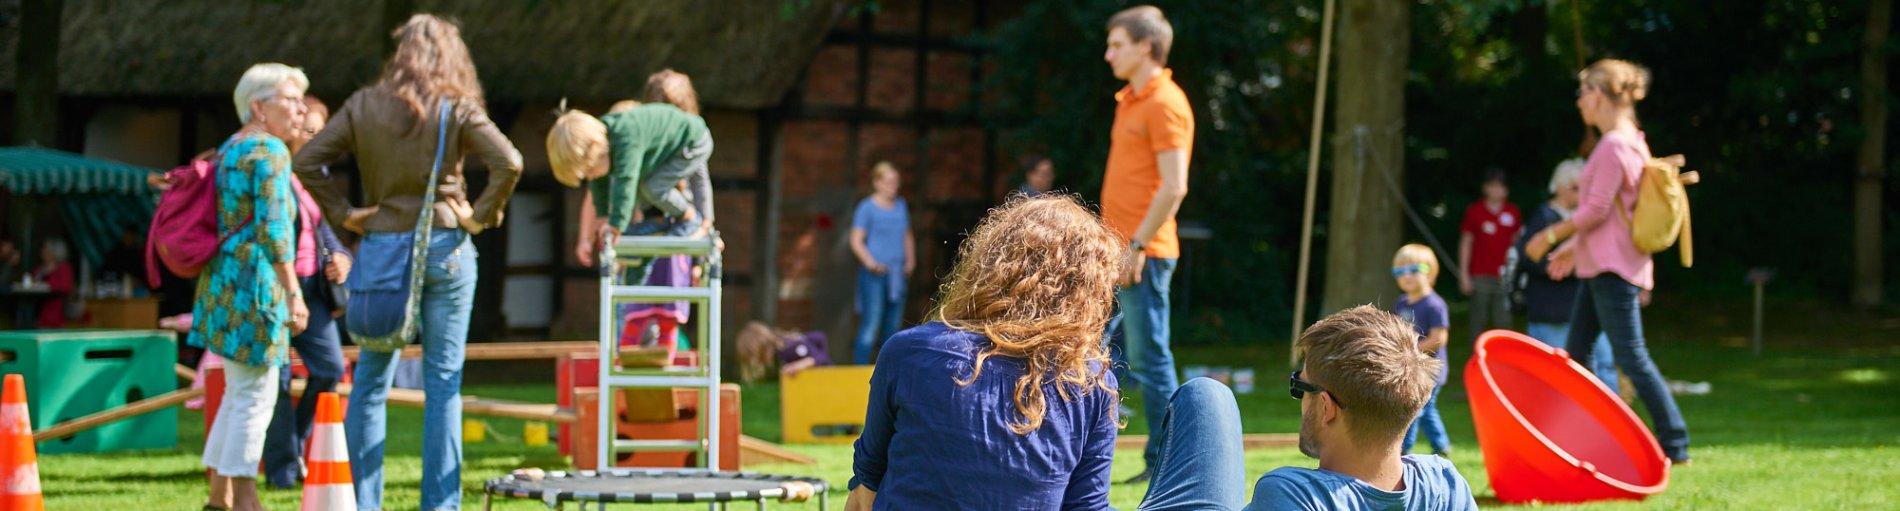 Familien bei Fockes Fest auf der Wiese